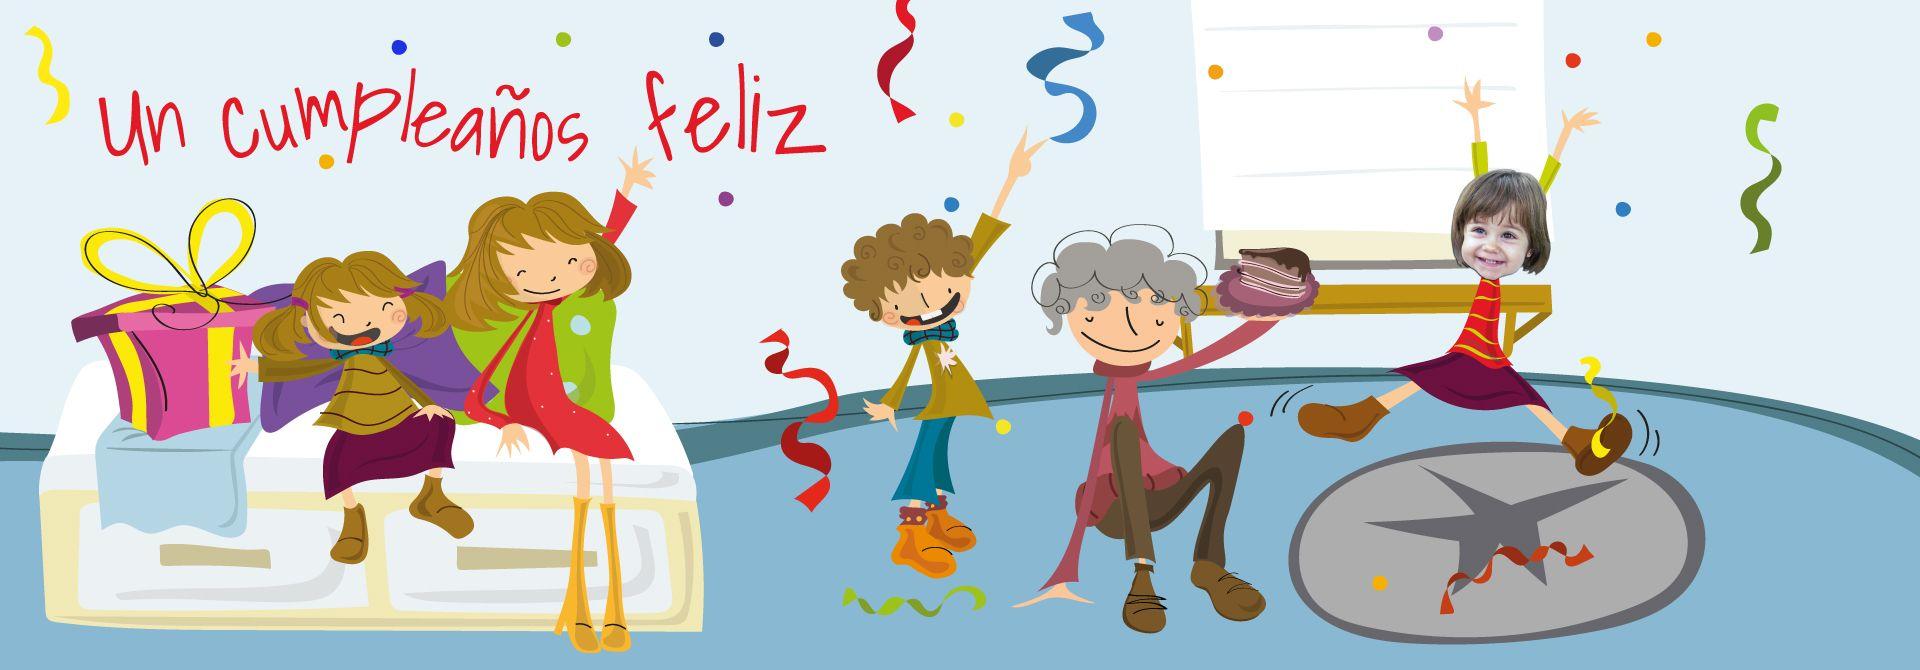 Regalo personalizado cumpleaños: Cuento personalizado - Encabezado del producto